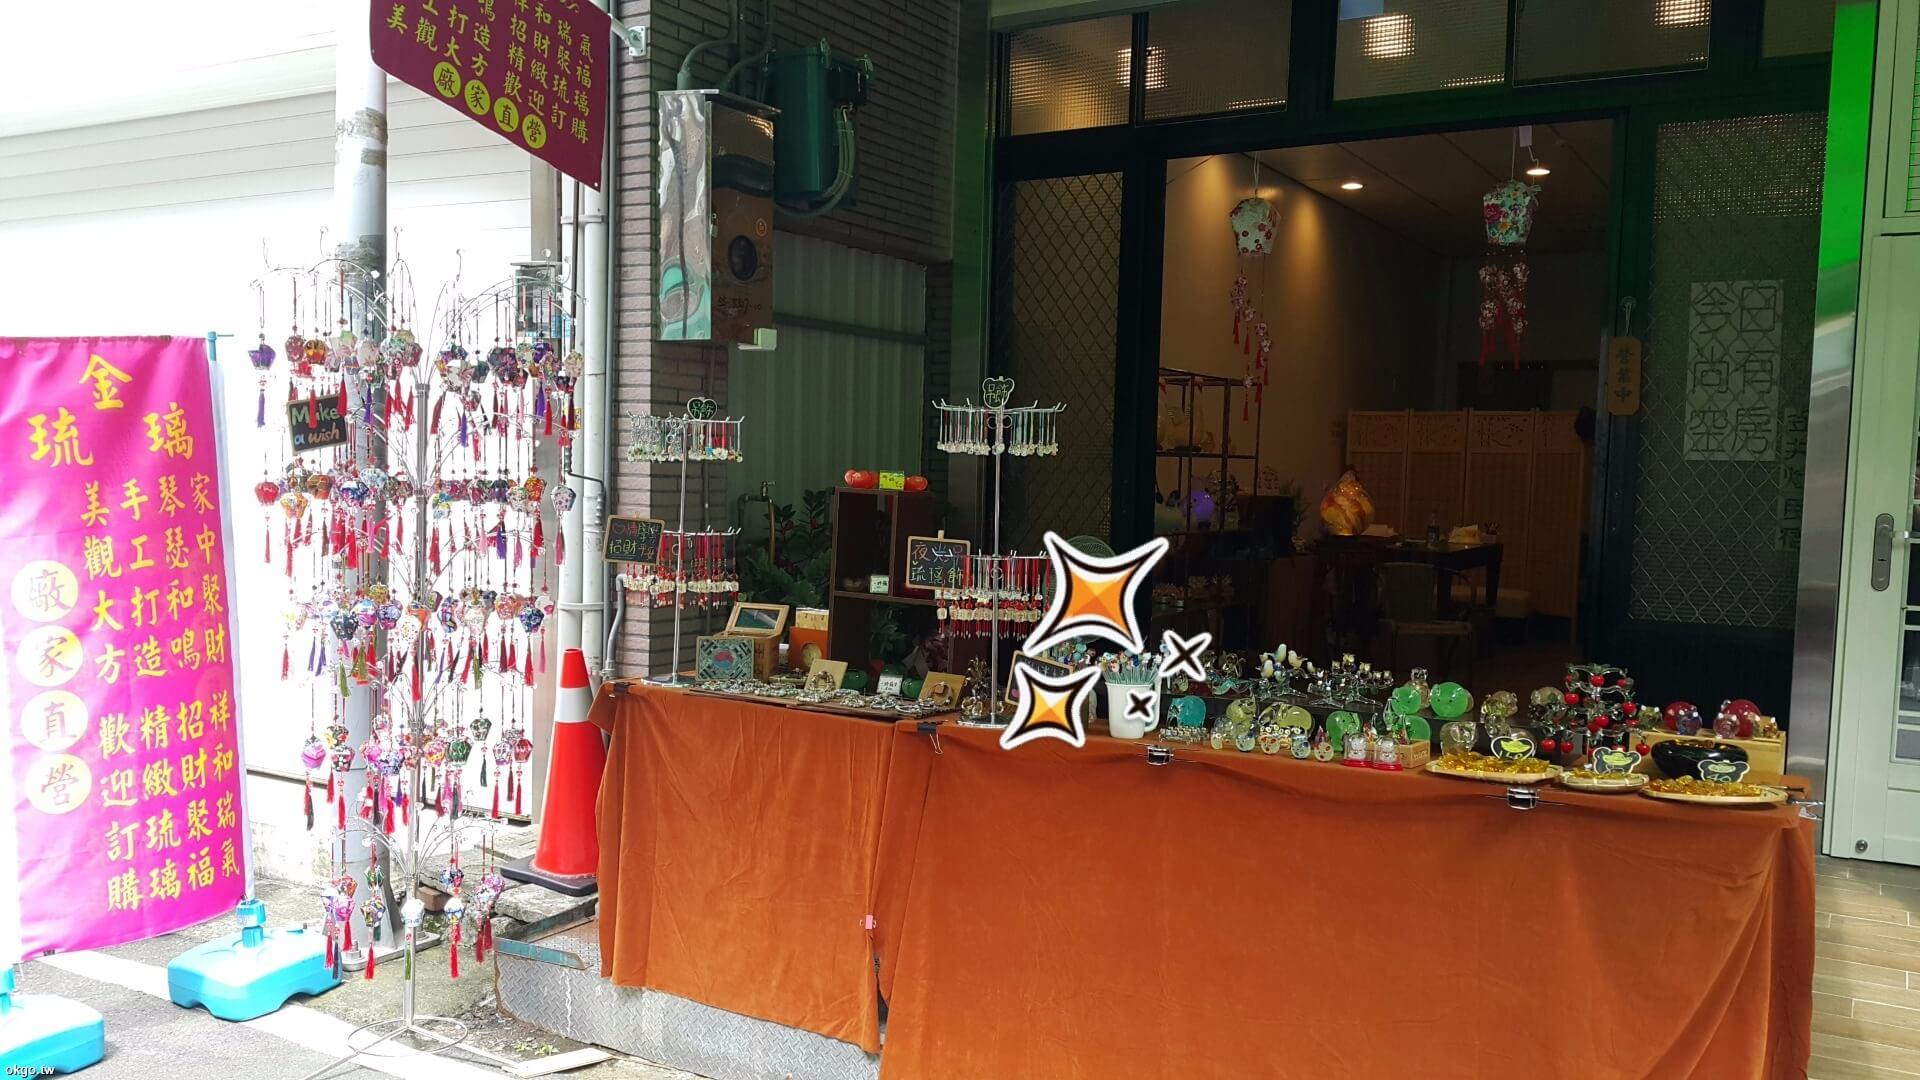 一樓店面-金琉璃 相片來源:新竹內灣金井灶民宿